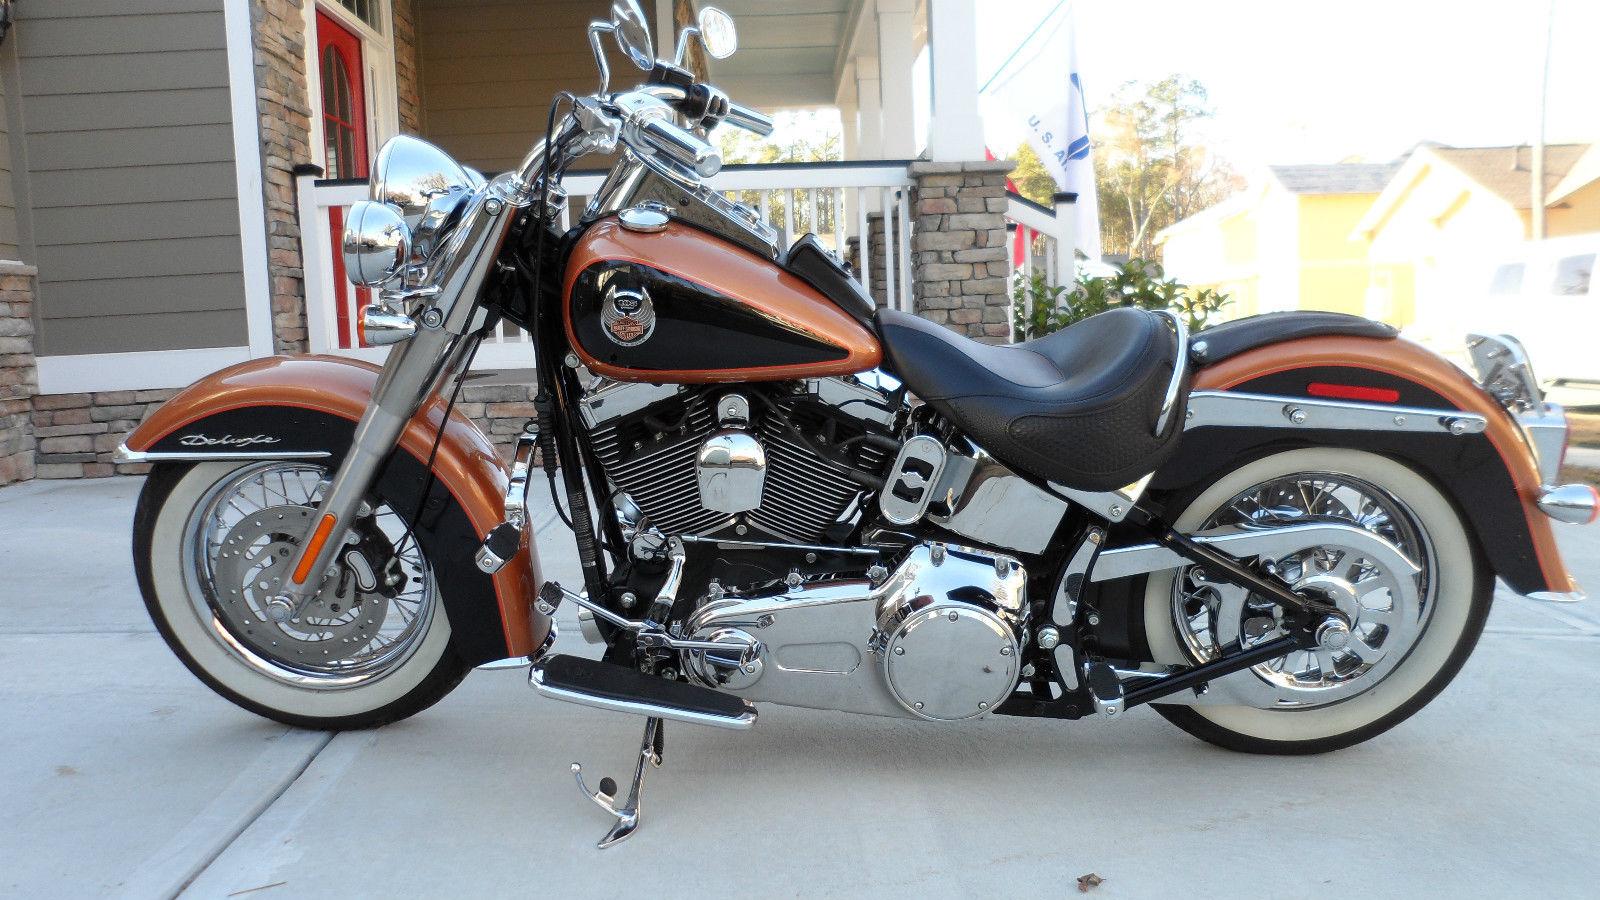 2008 105th Anniversary Harley Davidson Softail Deluxe Flstn